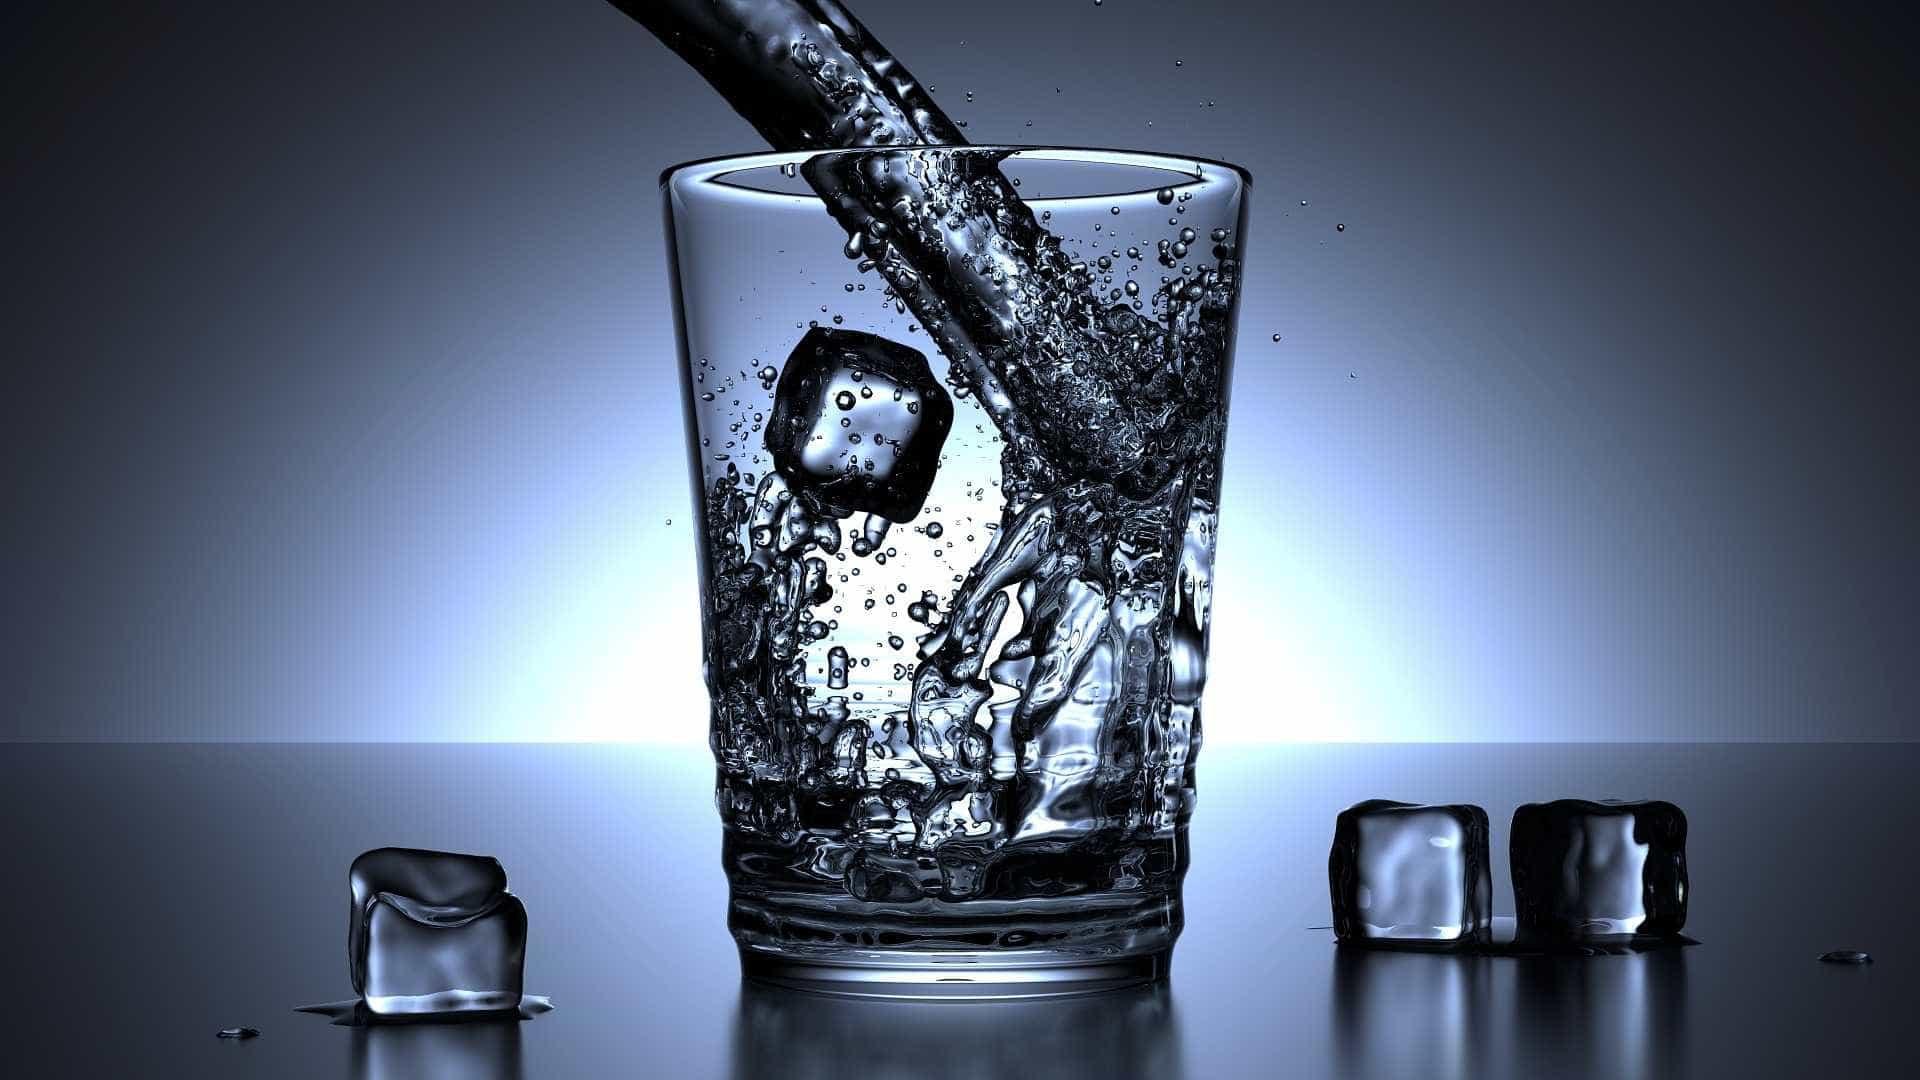 Golpistas vendiam purificadores de água 'milagrosos' para idosos